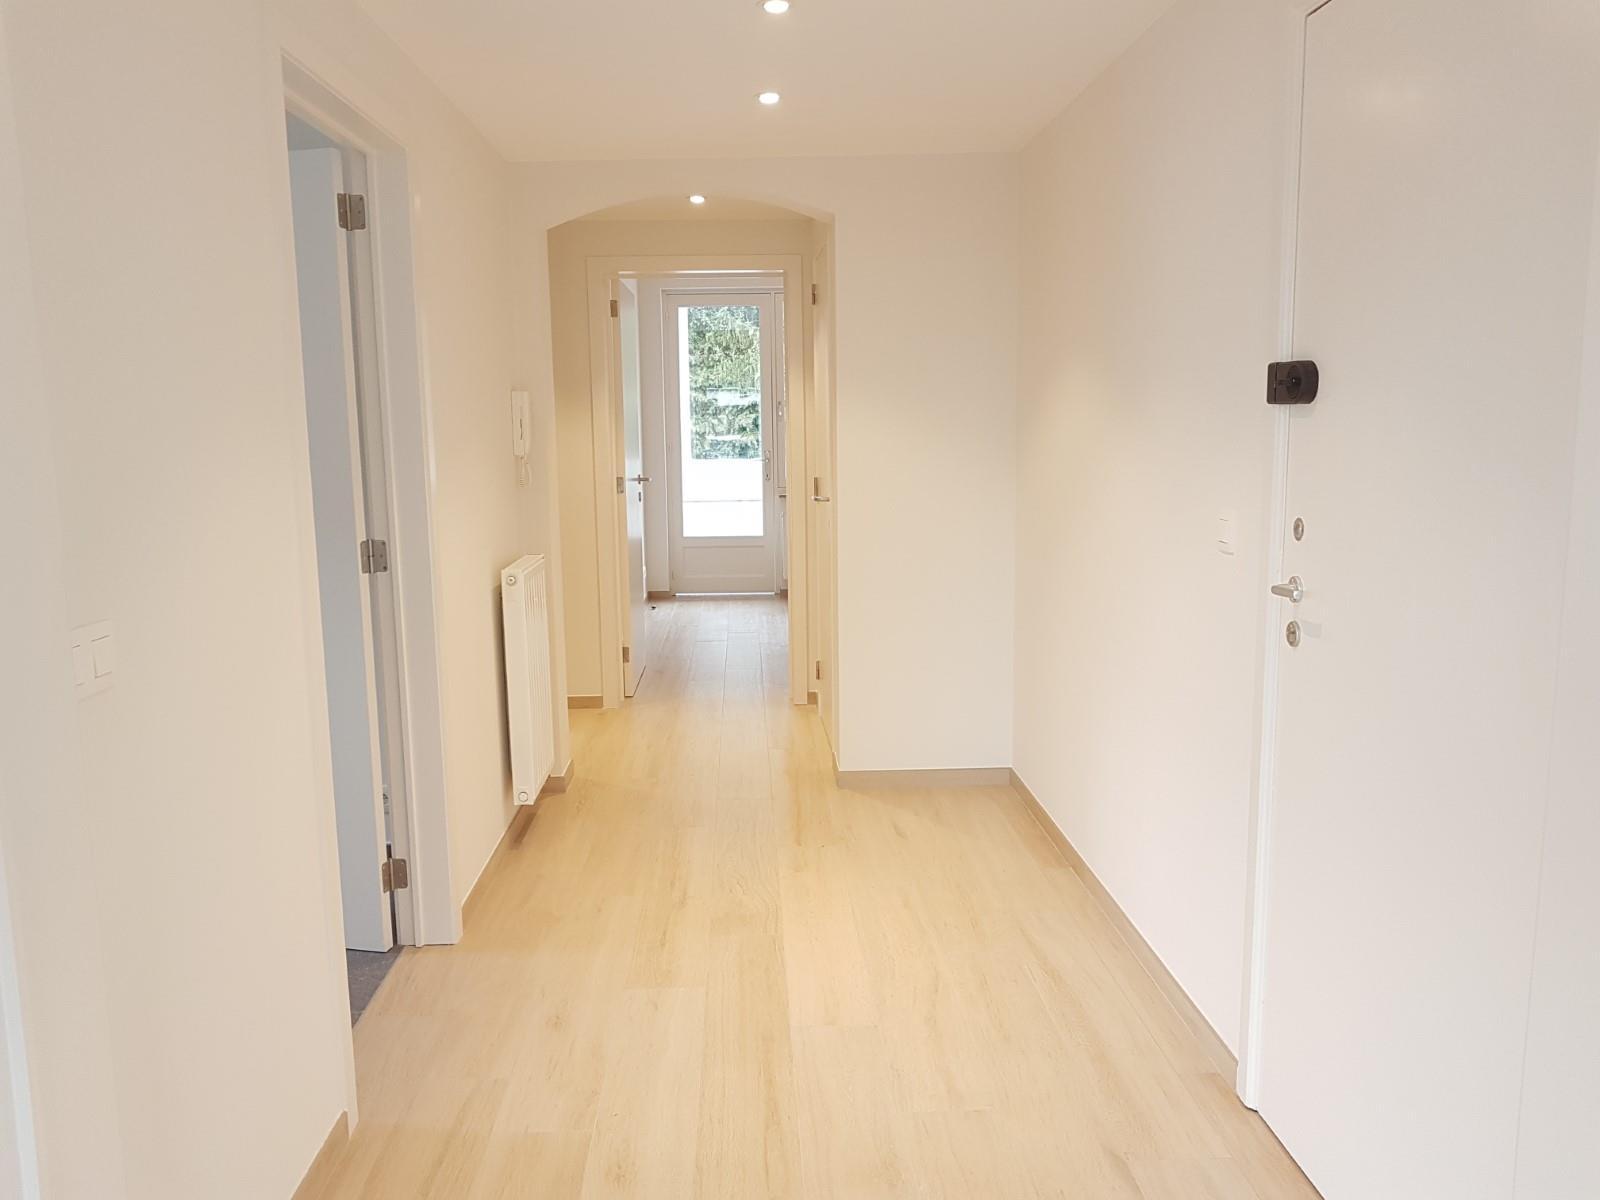 Appartement exceptionnel - Rhode-Saint-Genèse - #3704483-20